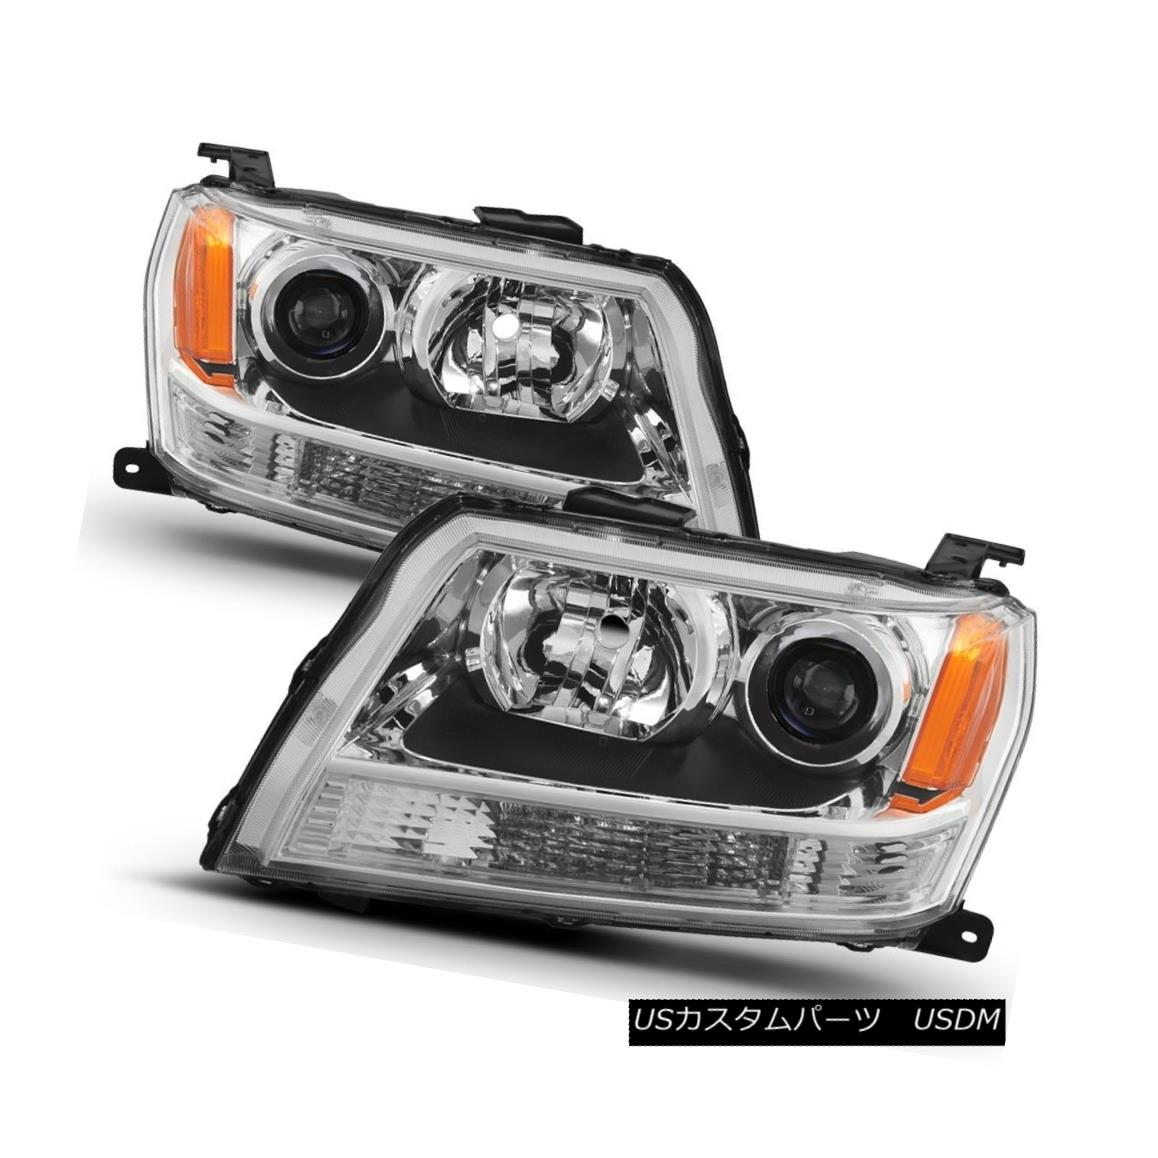 ヘッドライト Suzuki 06-08 Grand Vitara Chrome Replacement Headlights Set GL GLS SWT JA JLX JX スズキ06-08 Grand Vitaraクローム交換ヘッドライトセットGL GLS SWT JA JLX JX